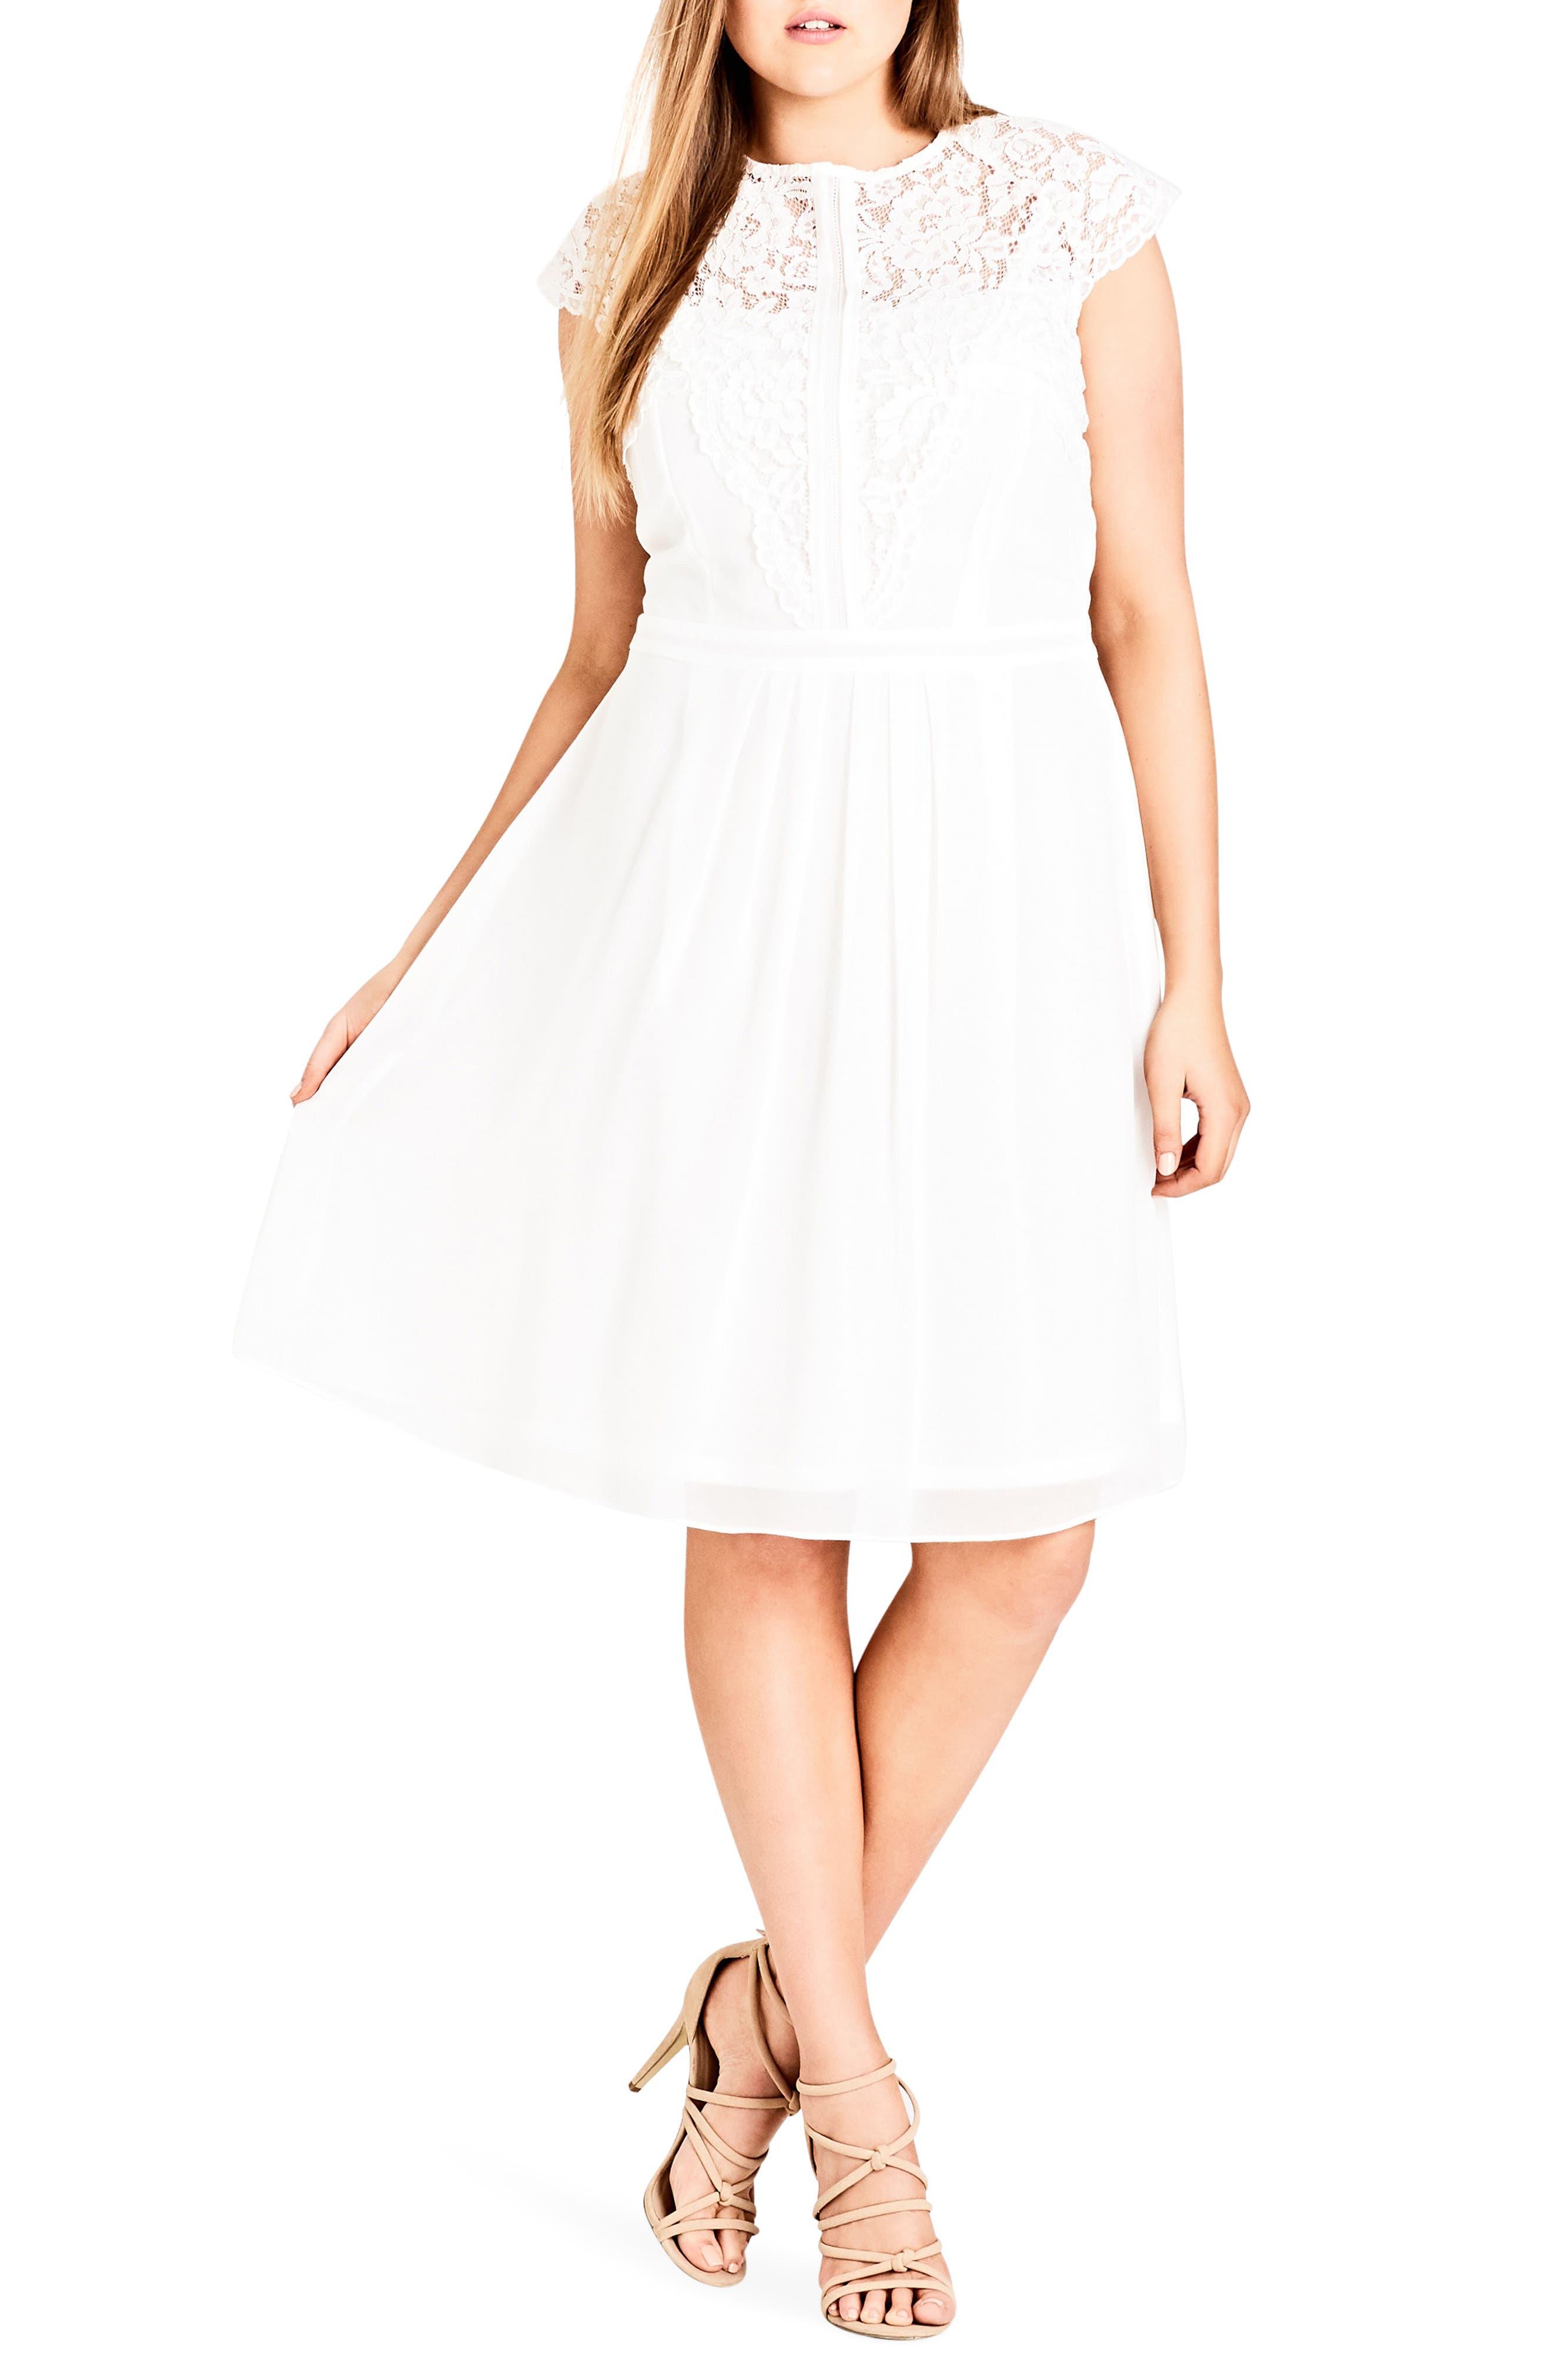 Main Image - City Chic Lace & Chiffon Dress (Plus Size)